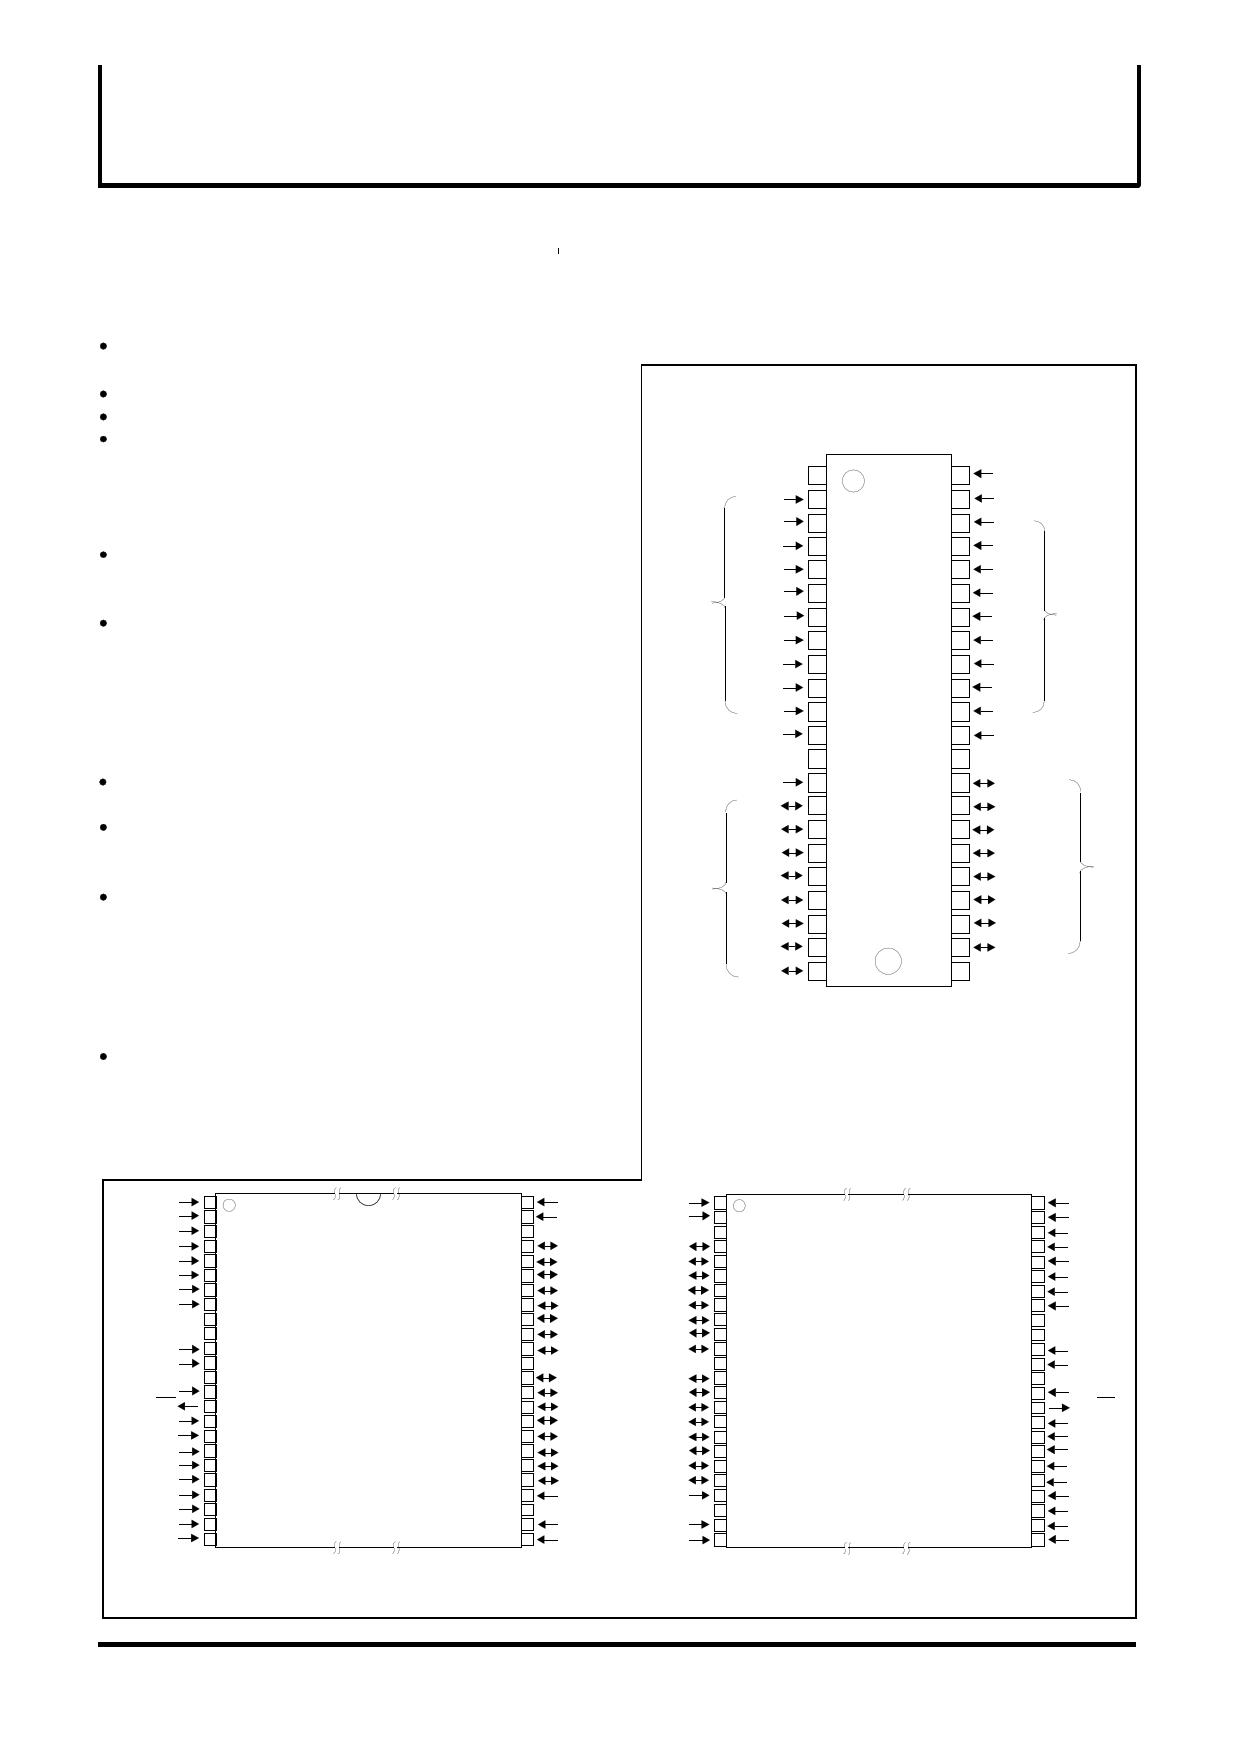 M5M29FT800VP-80 Datasheet, ピン配置, 機能